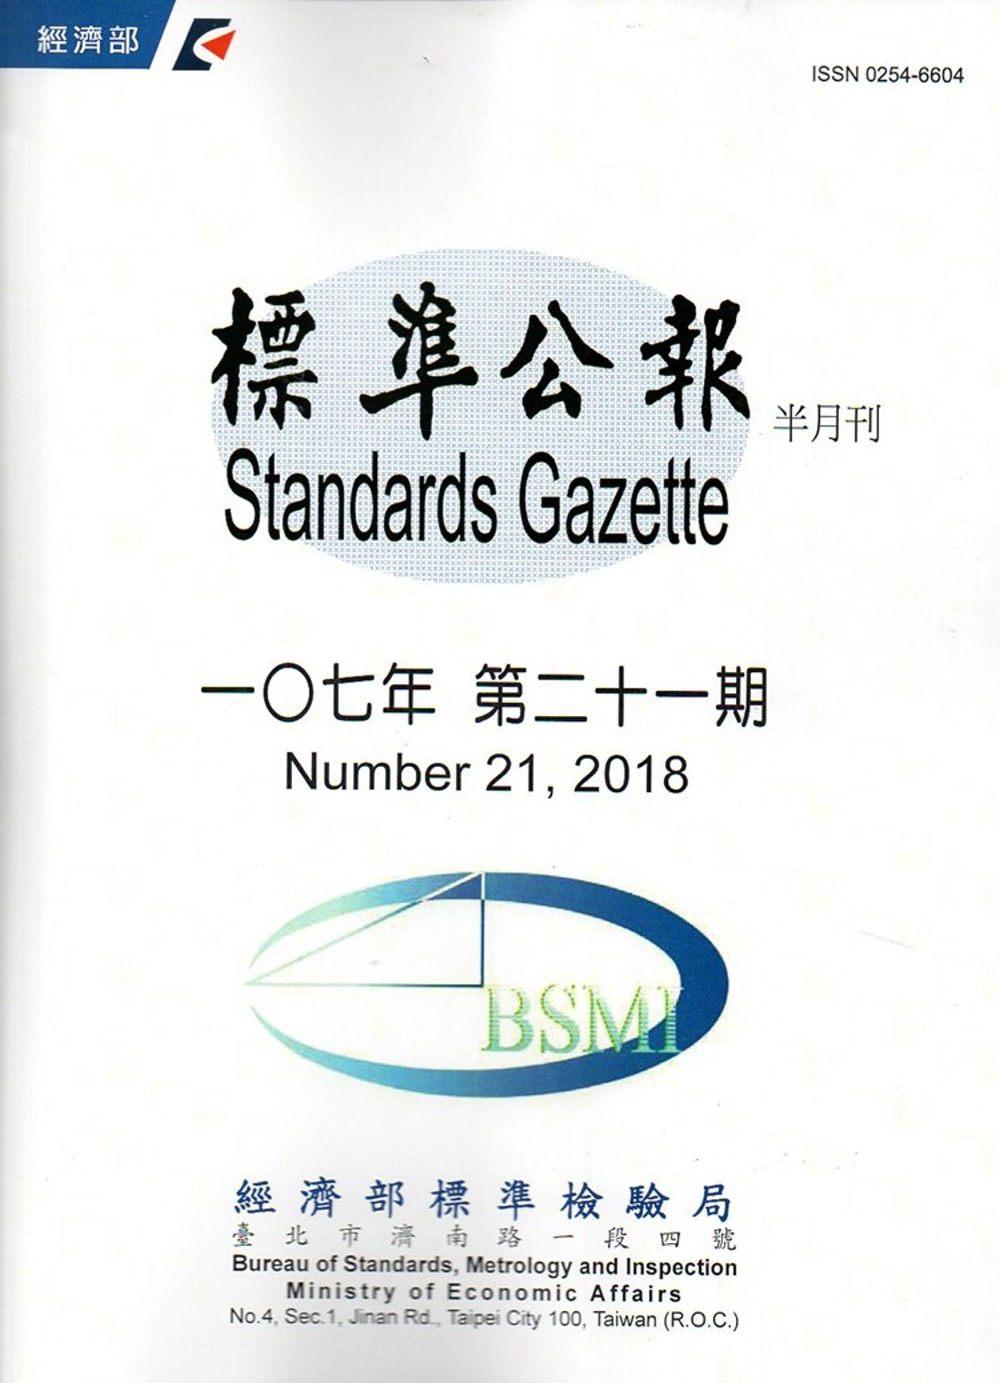 標準公報半月刊107年 第二十一期